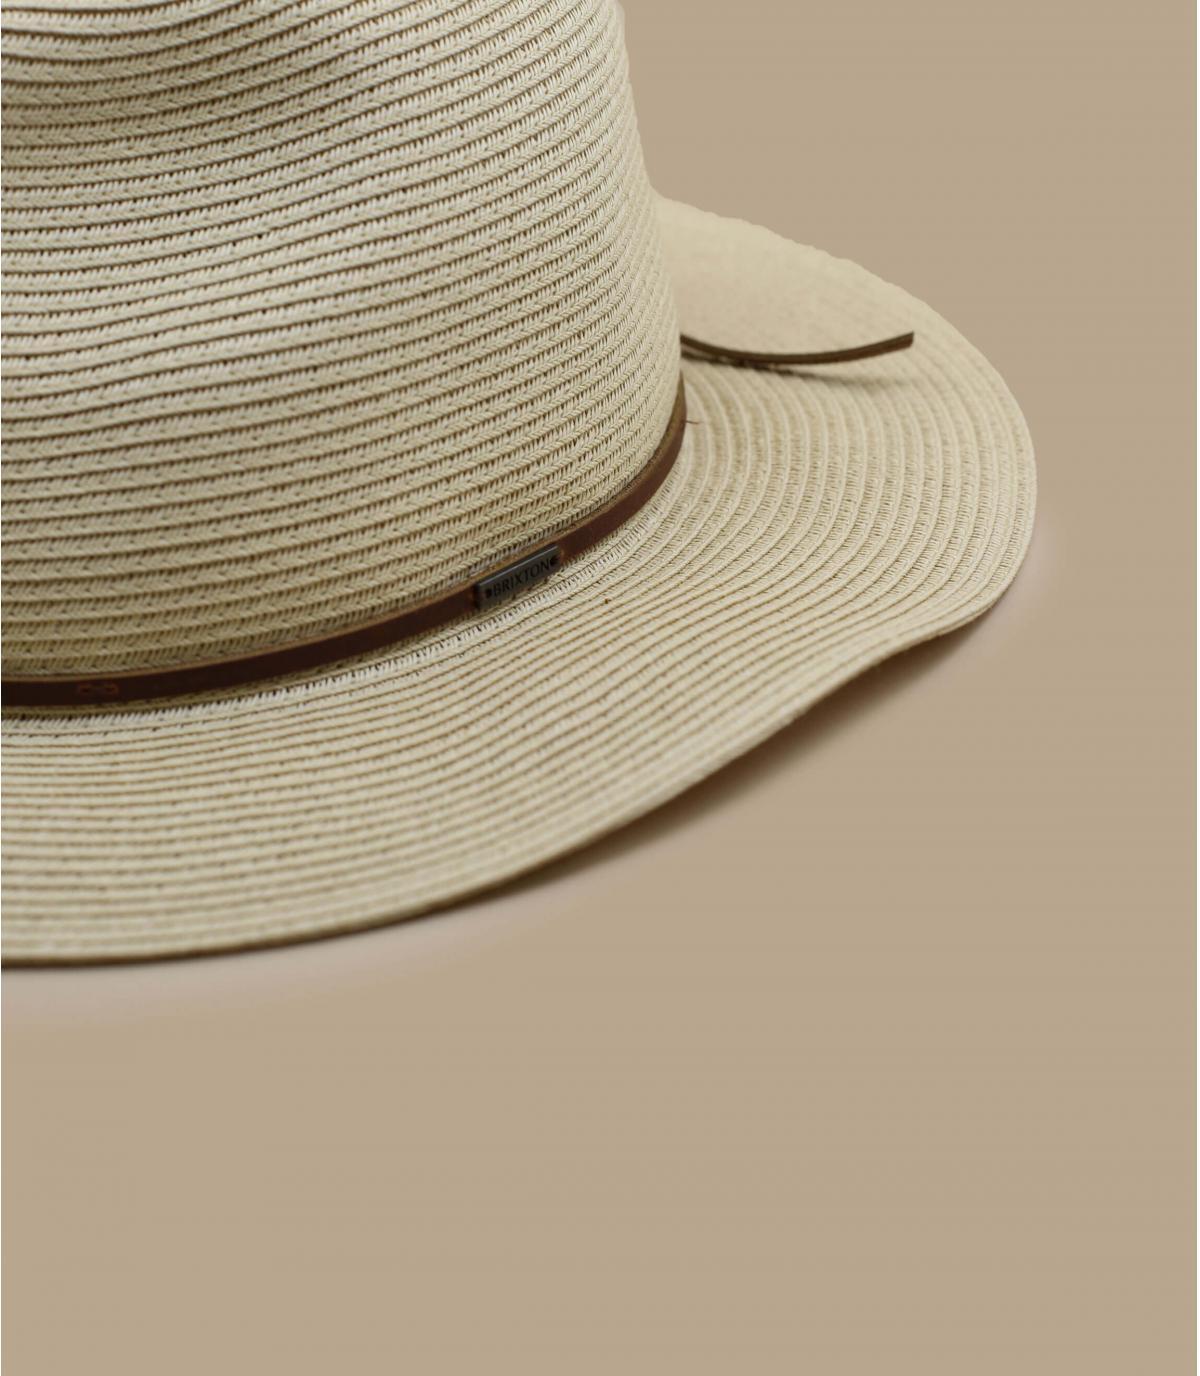 Details Wesley Straw Packable tan - afbeeling 3